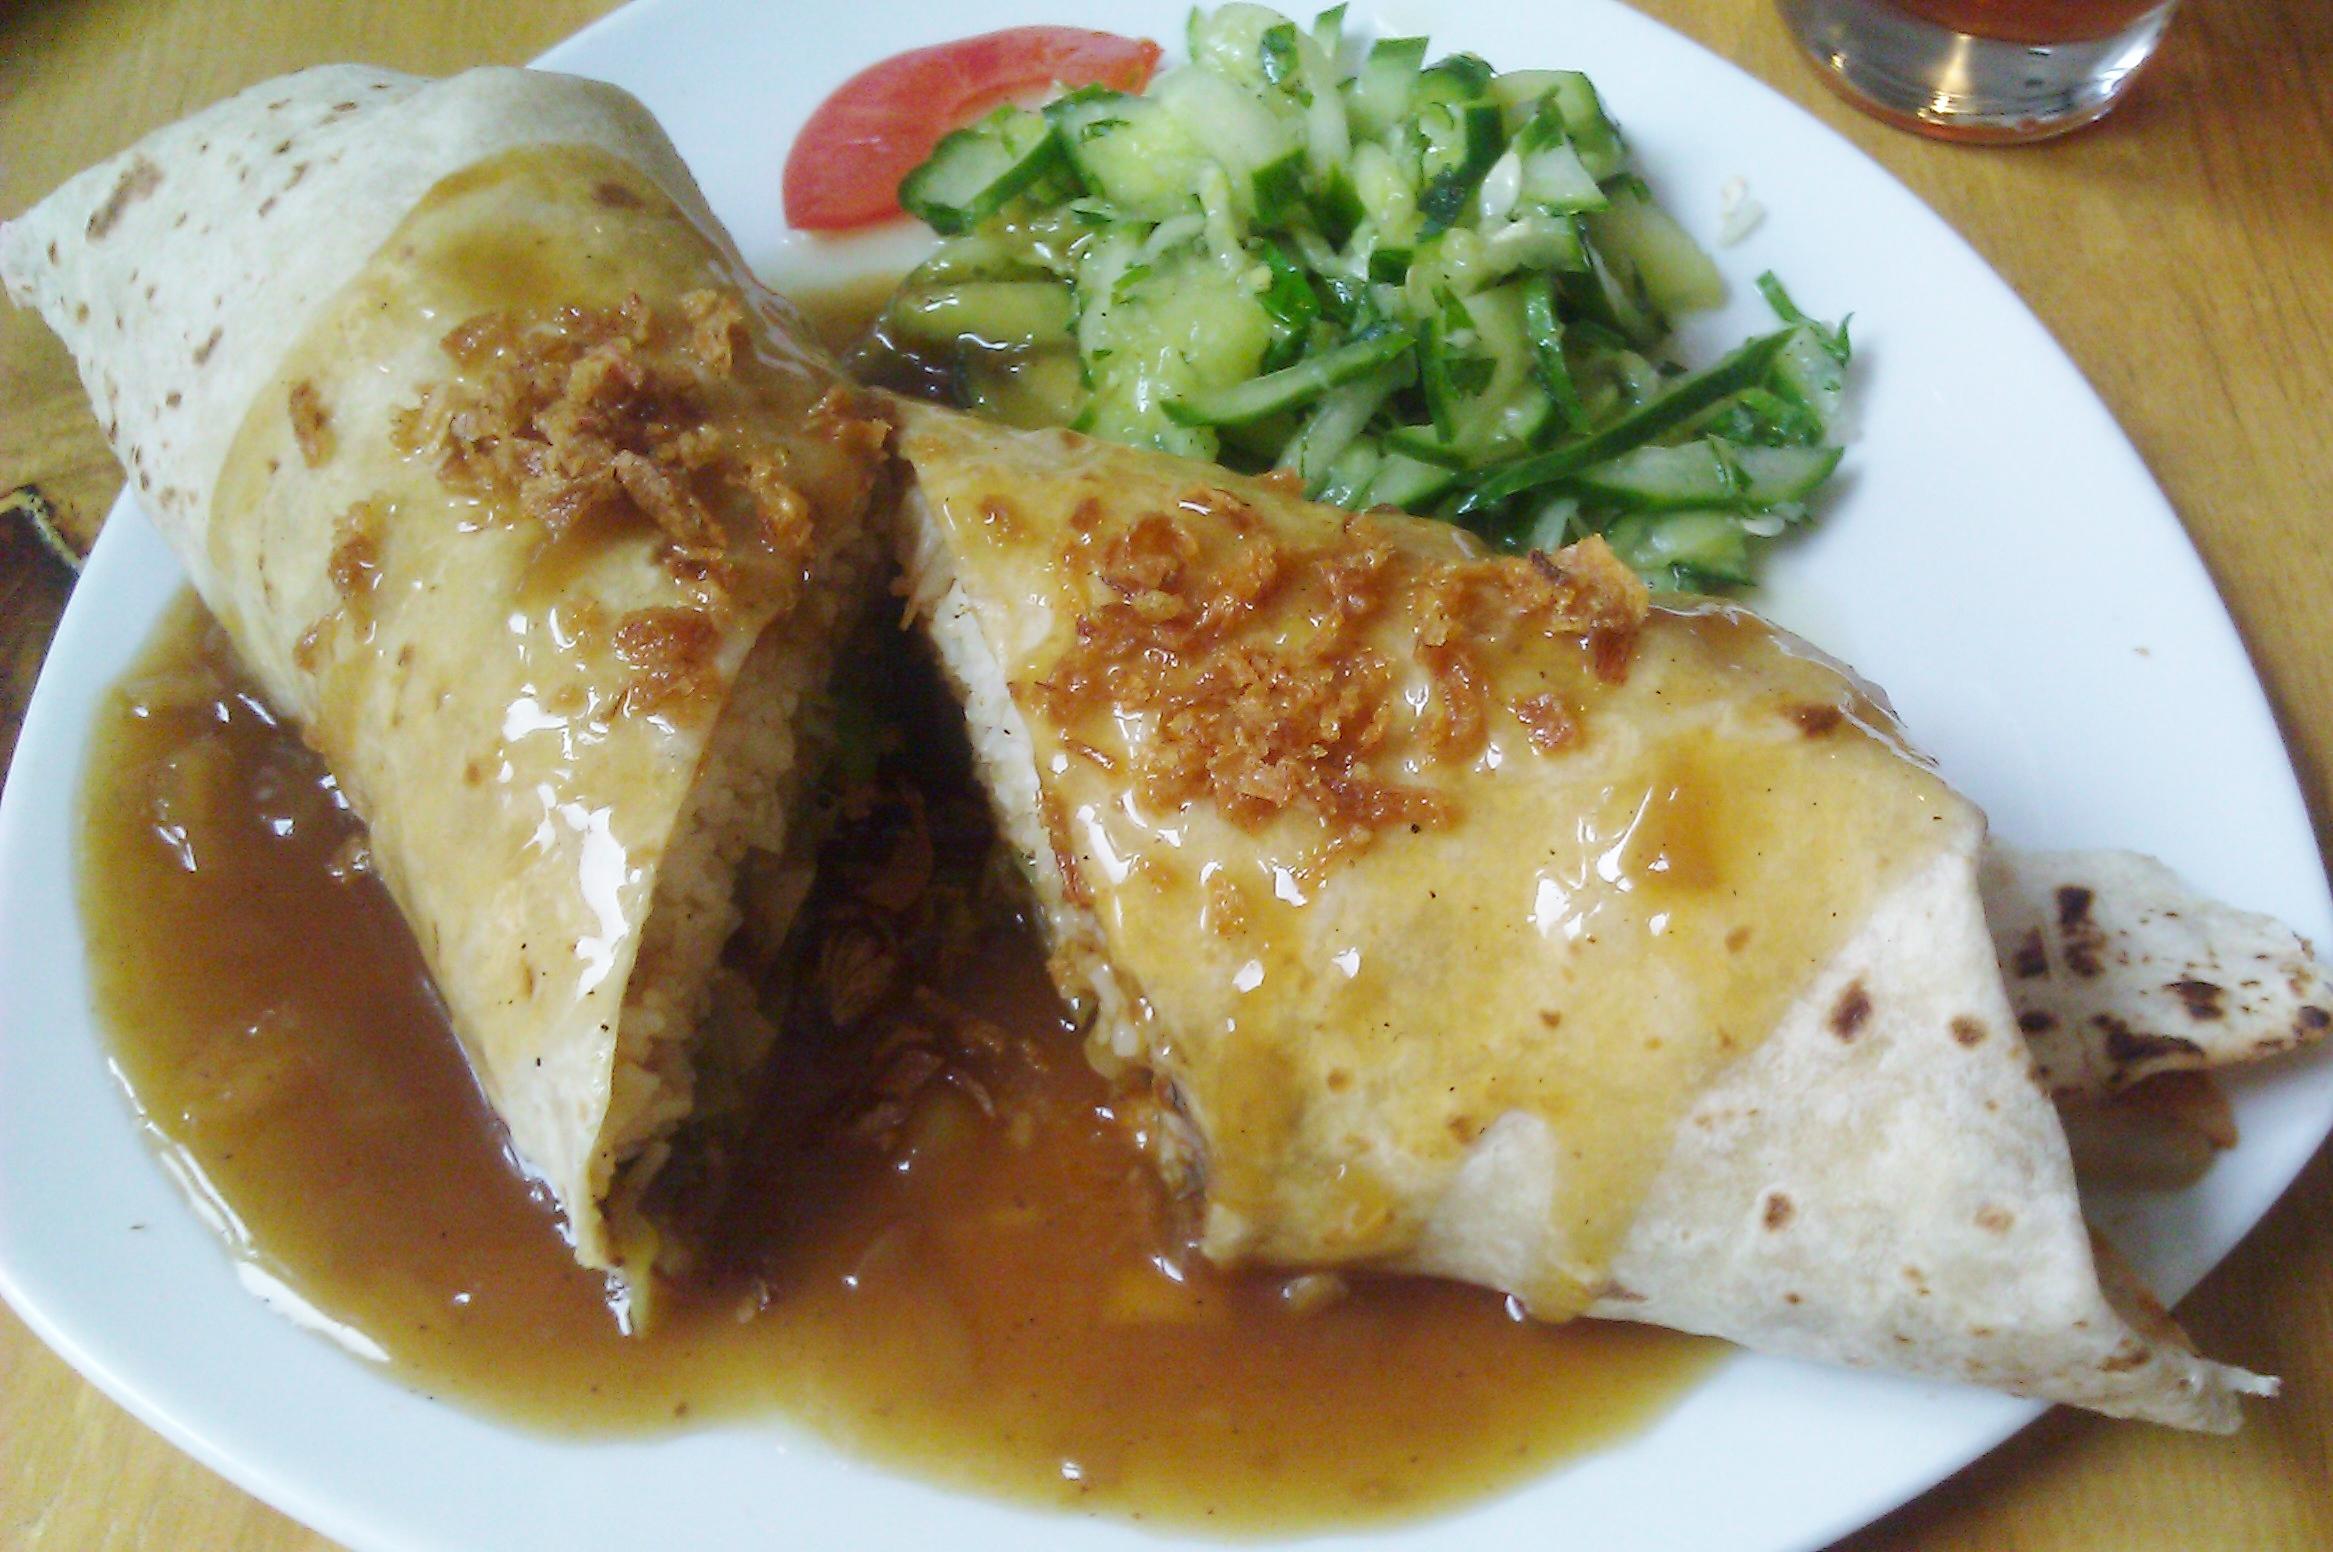 asiatische Wraps, gefüllt mit Limettenreis und gebratenem Gemüse mit Süß-Sauer-Sauce vegan